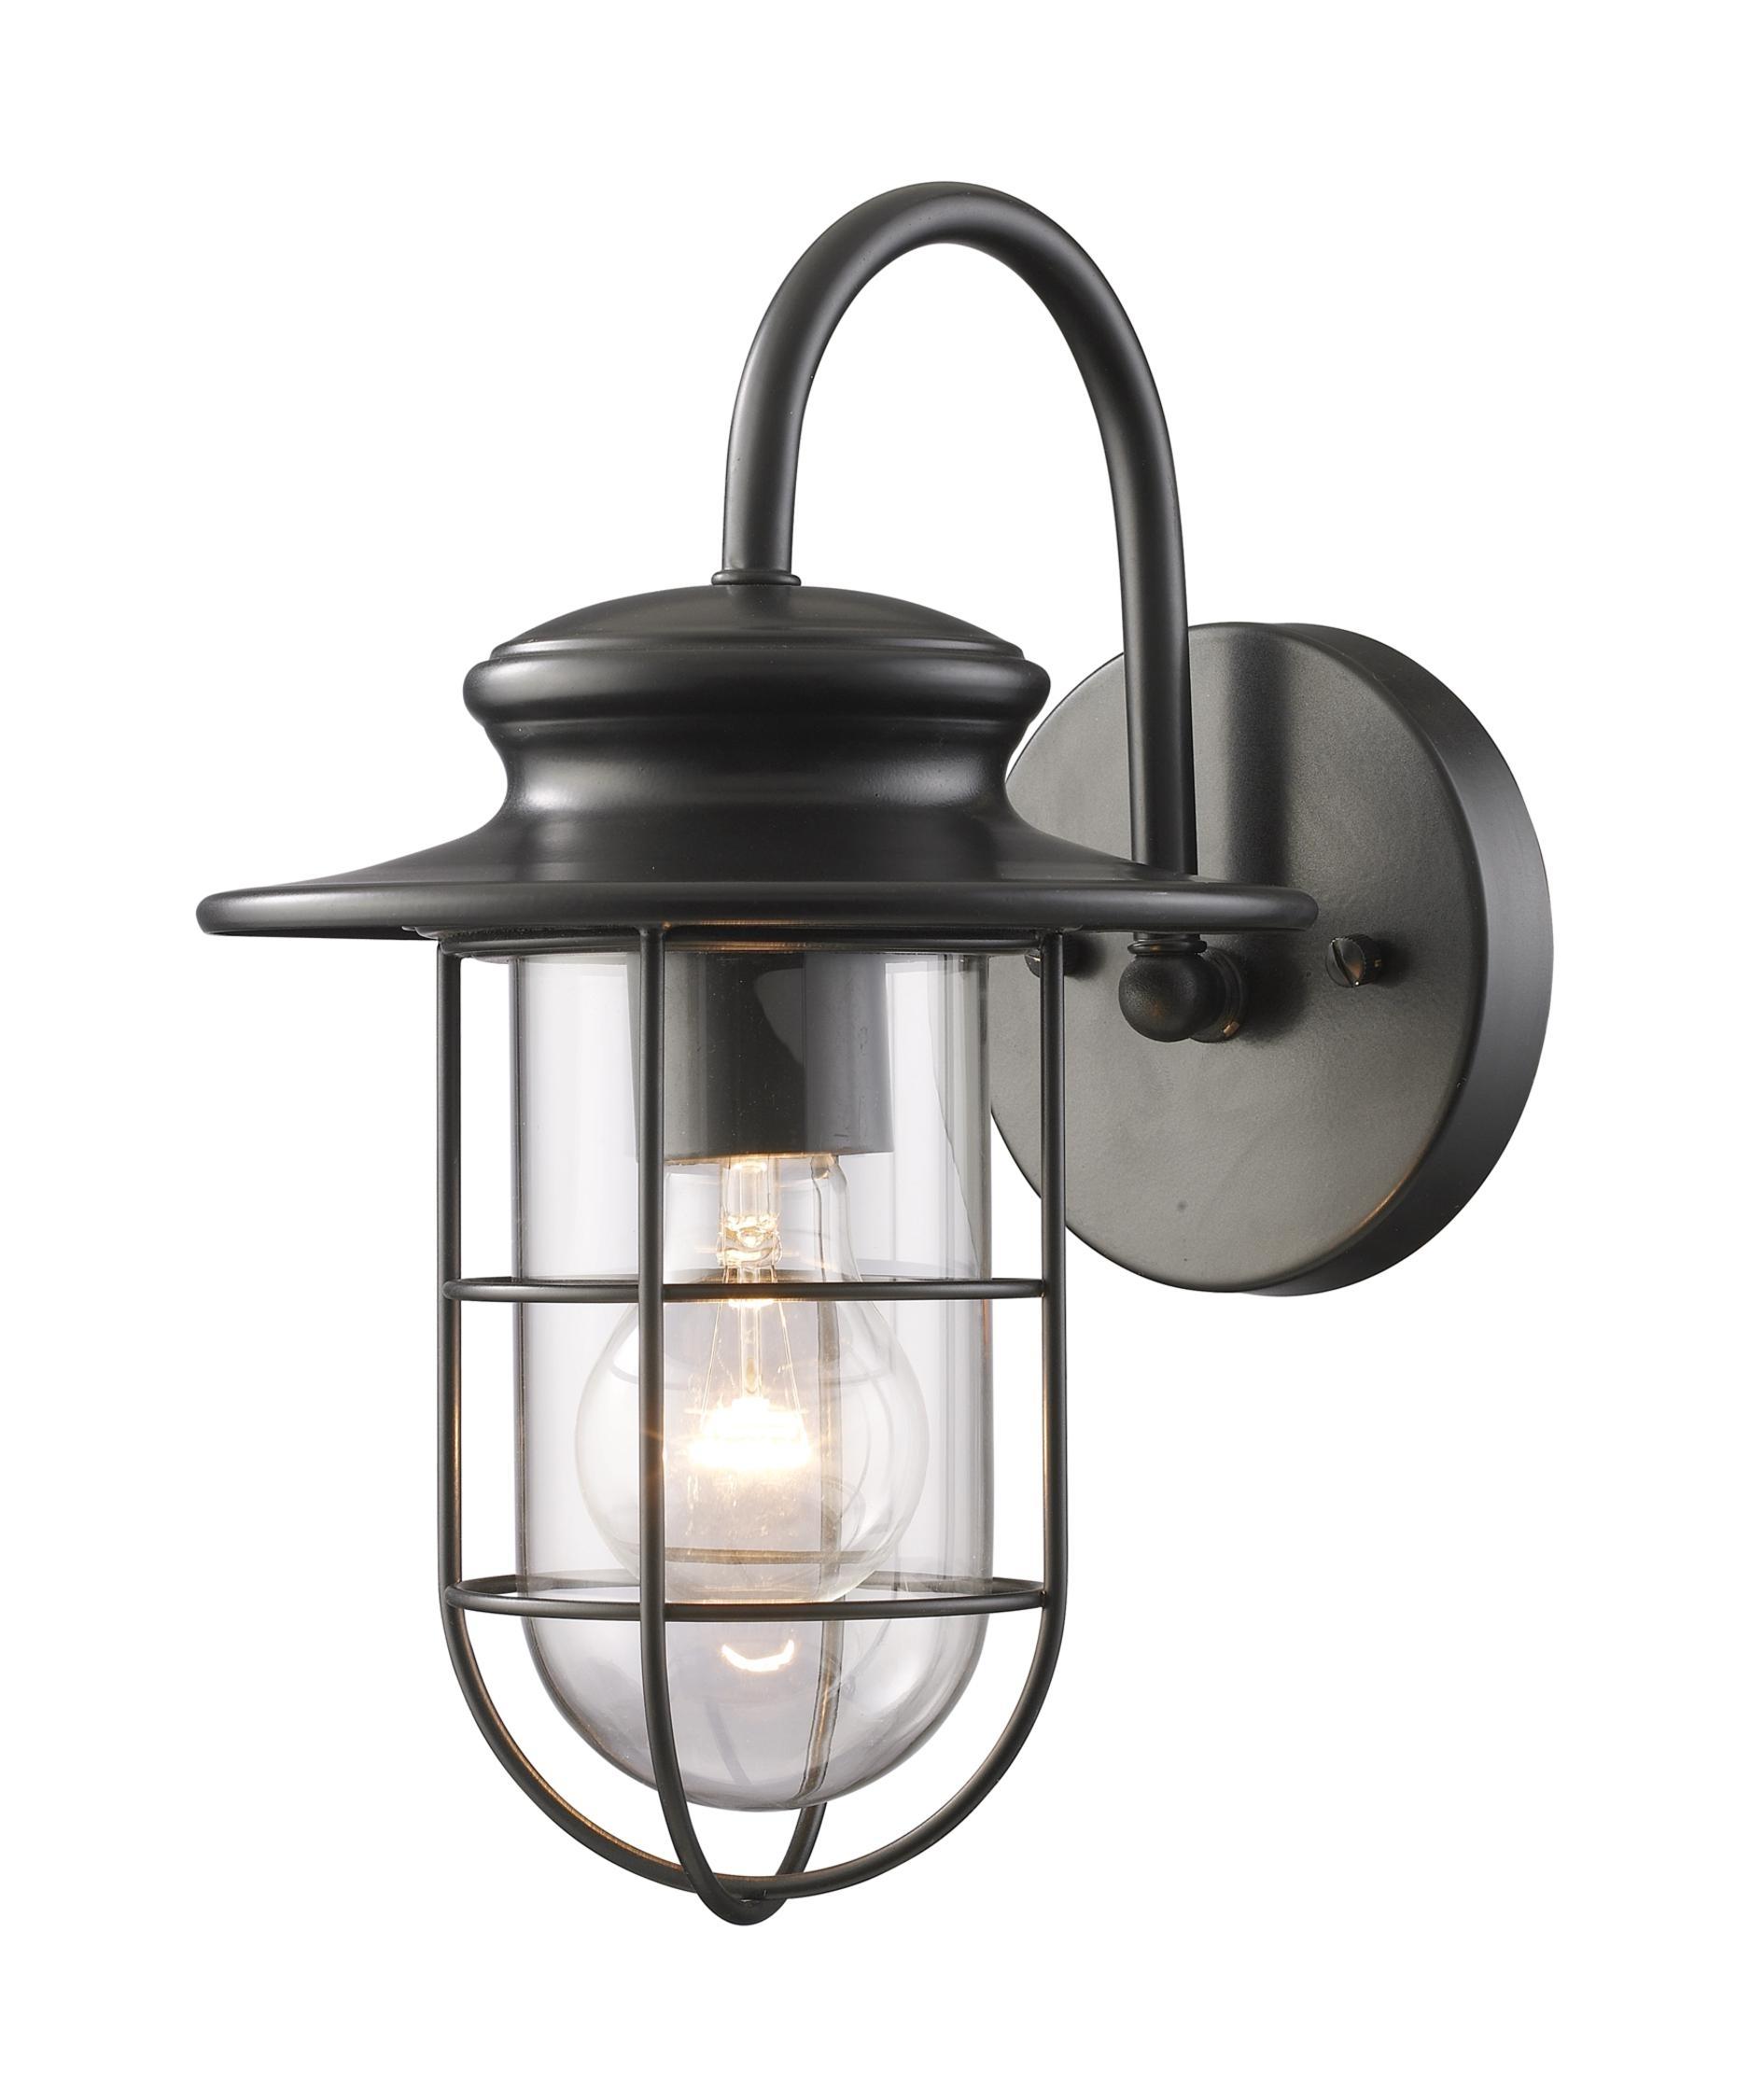 Elk Lighting 42284 1 Portside 7 Inch Wide 1 Light Outdoor Wall Light Throughout Nautical Outdoor Wall Lighting (#1 of 15)